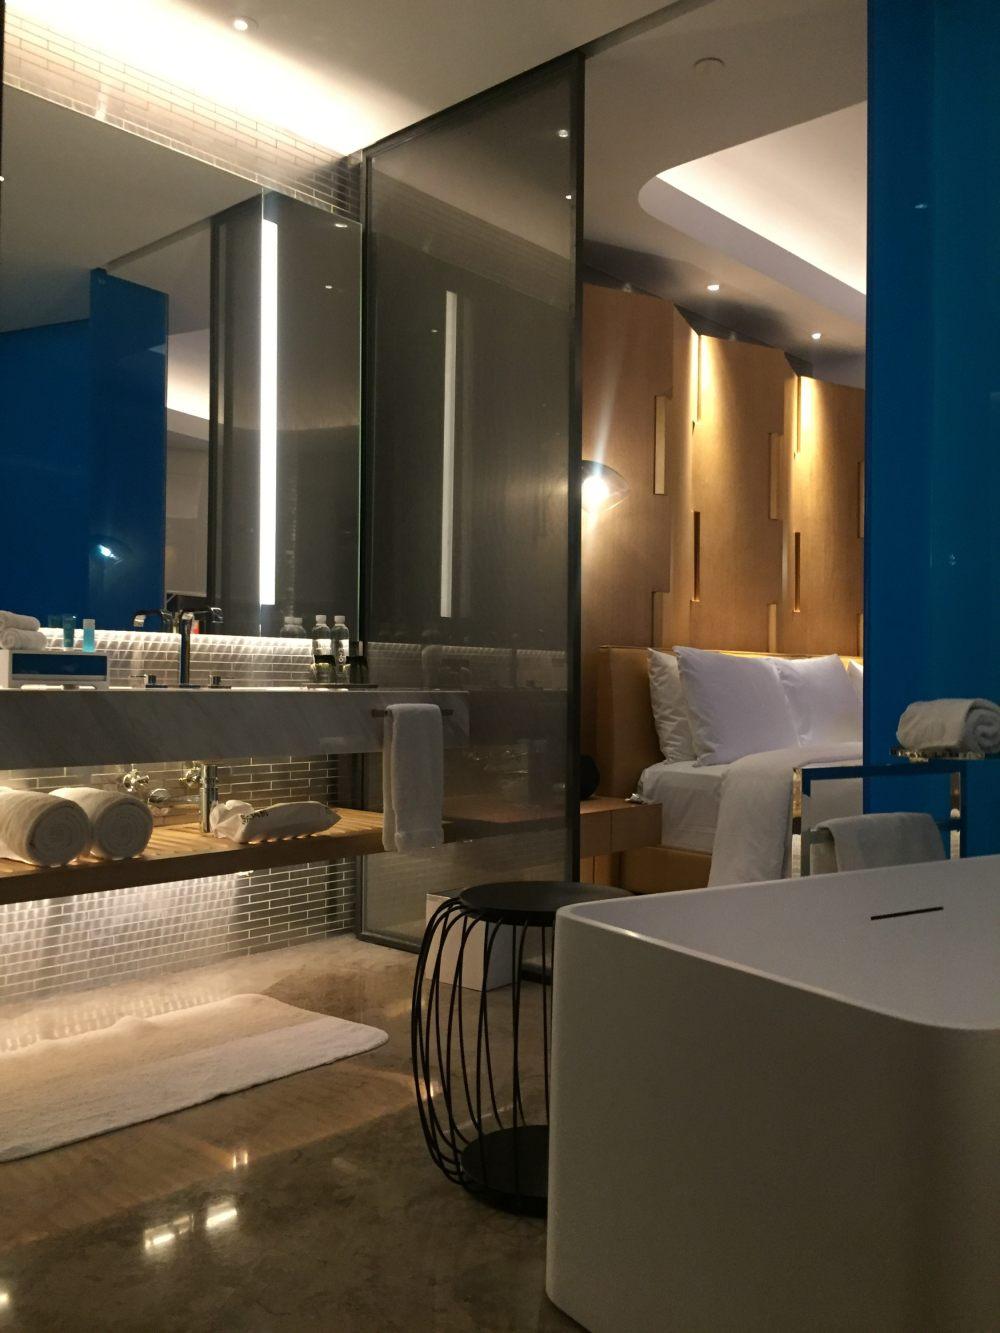 上海外滩W酒店,史上最全入住体验 自拍分享,申请置...._IMG_5854.JPG